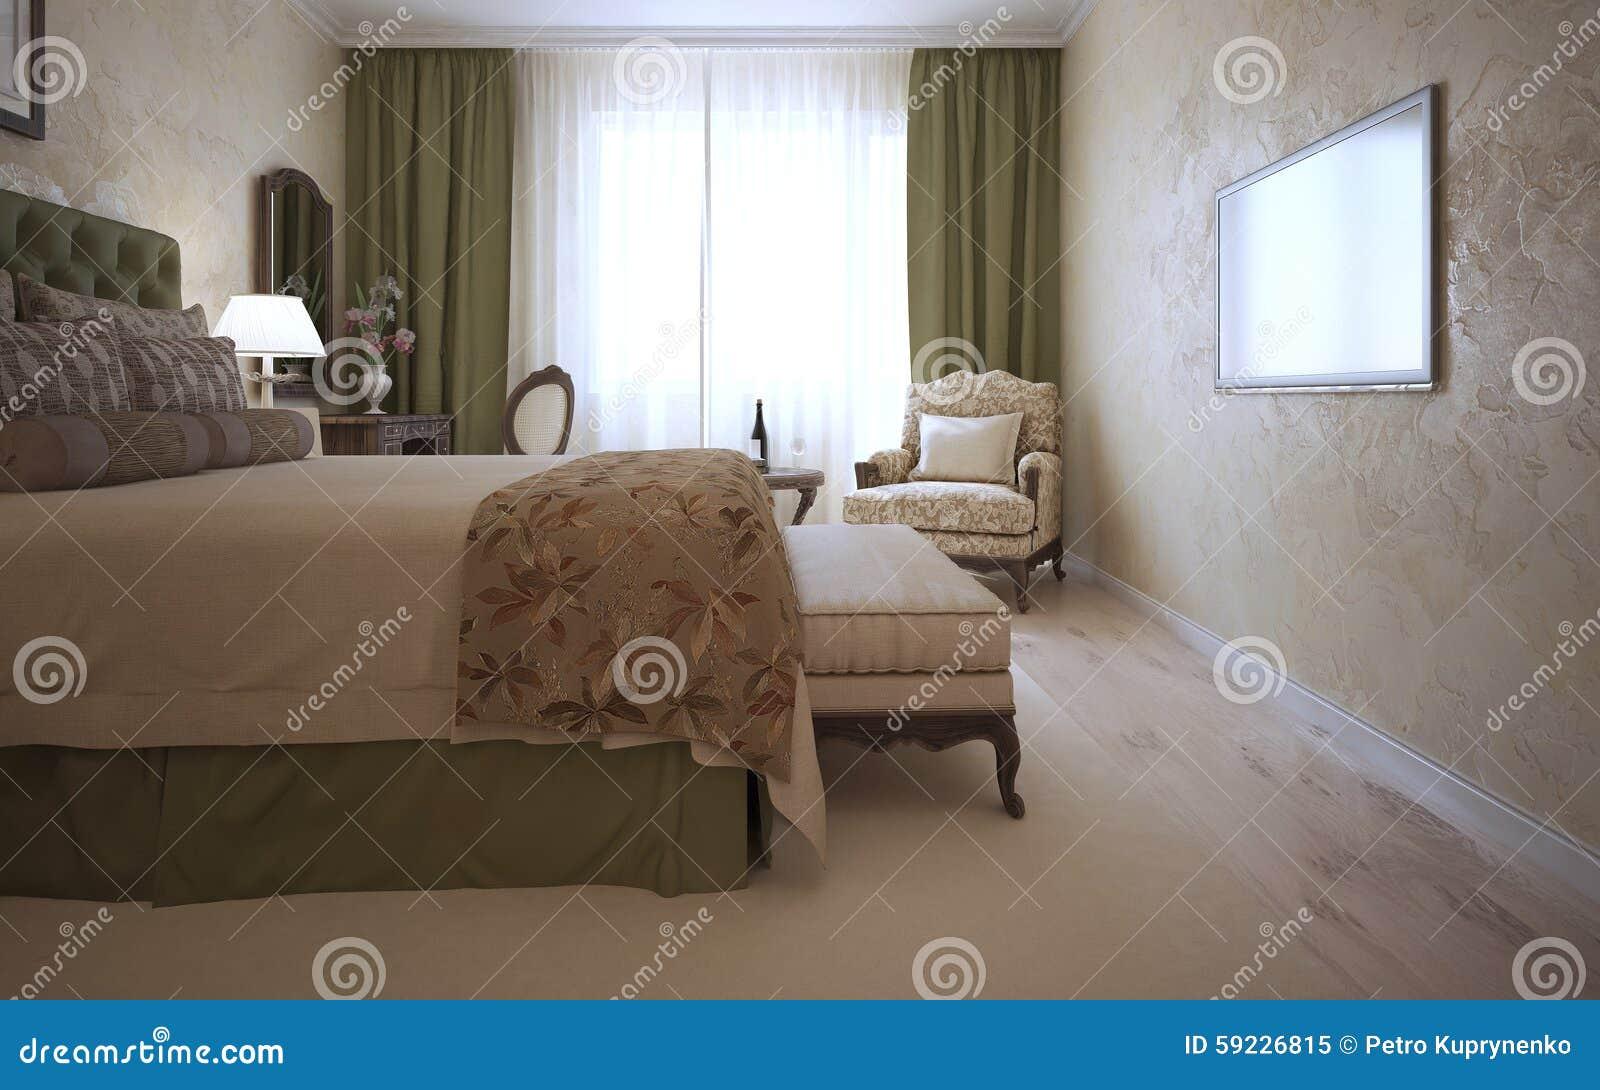 Download Dormitorio De Huésped En Estilo Mediterráneo Stock de ilustración - Ilustración de interior, cama: 59226815